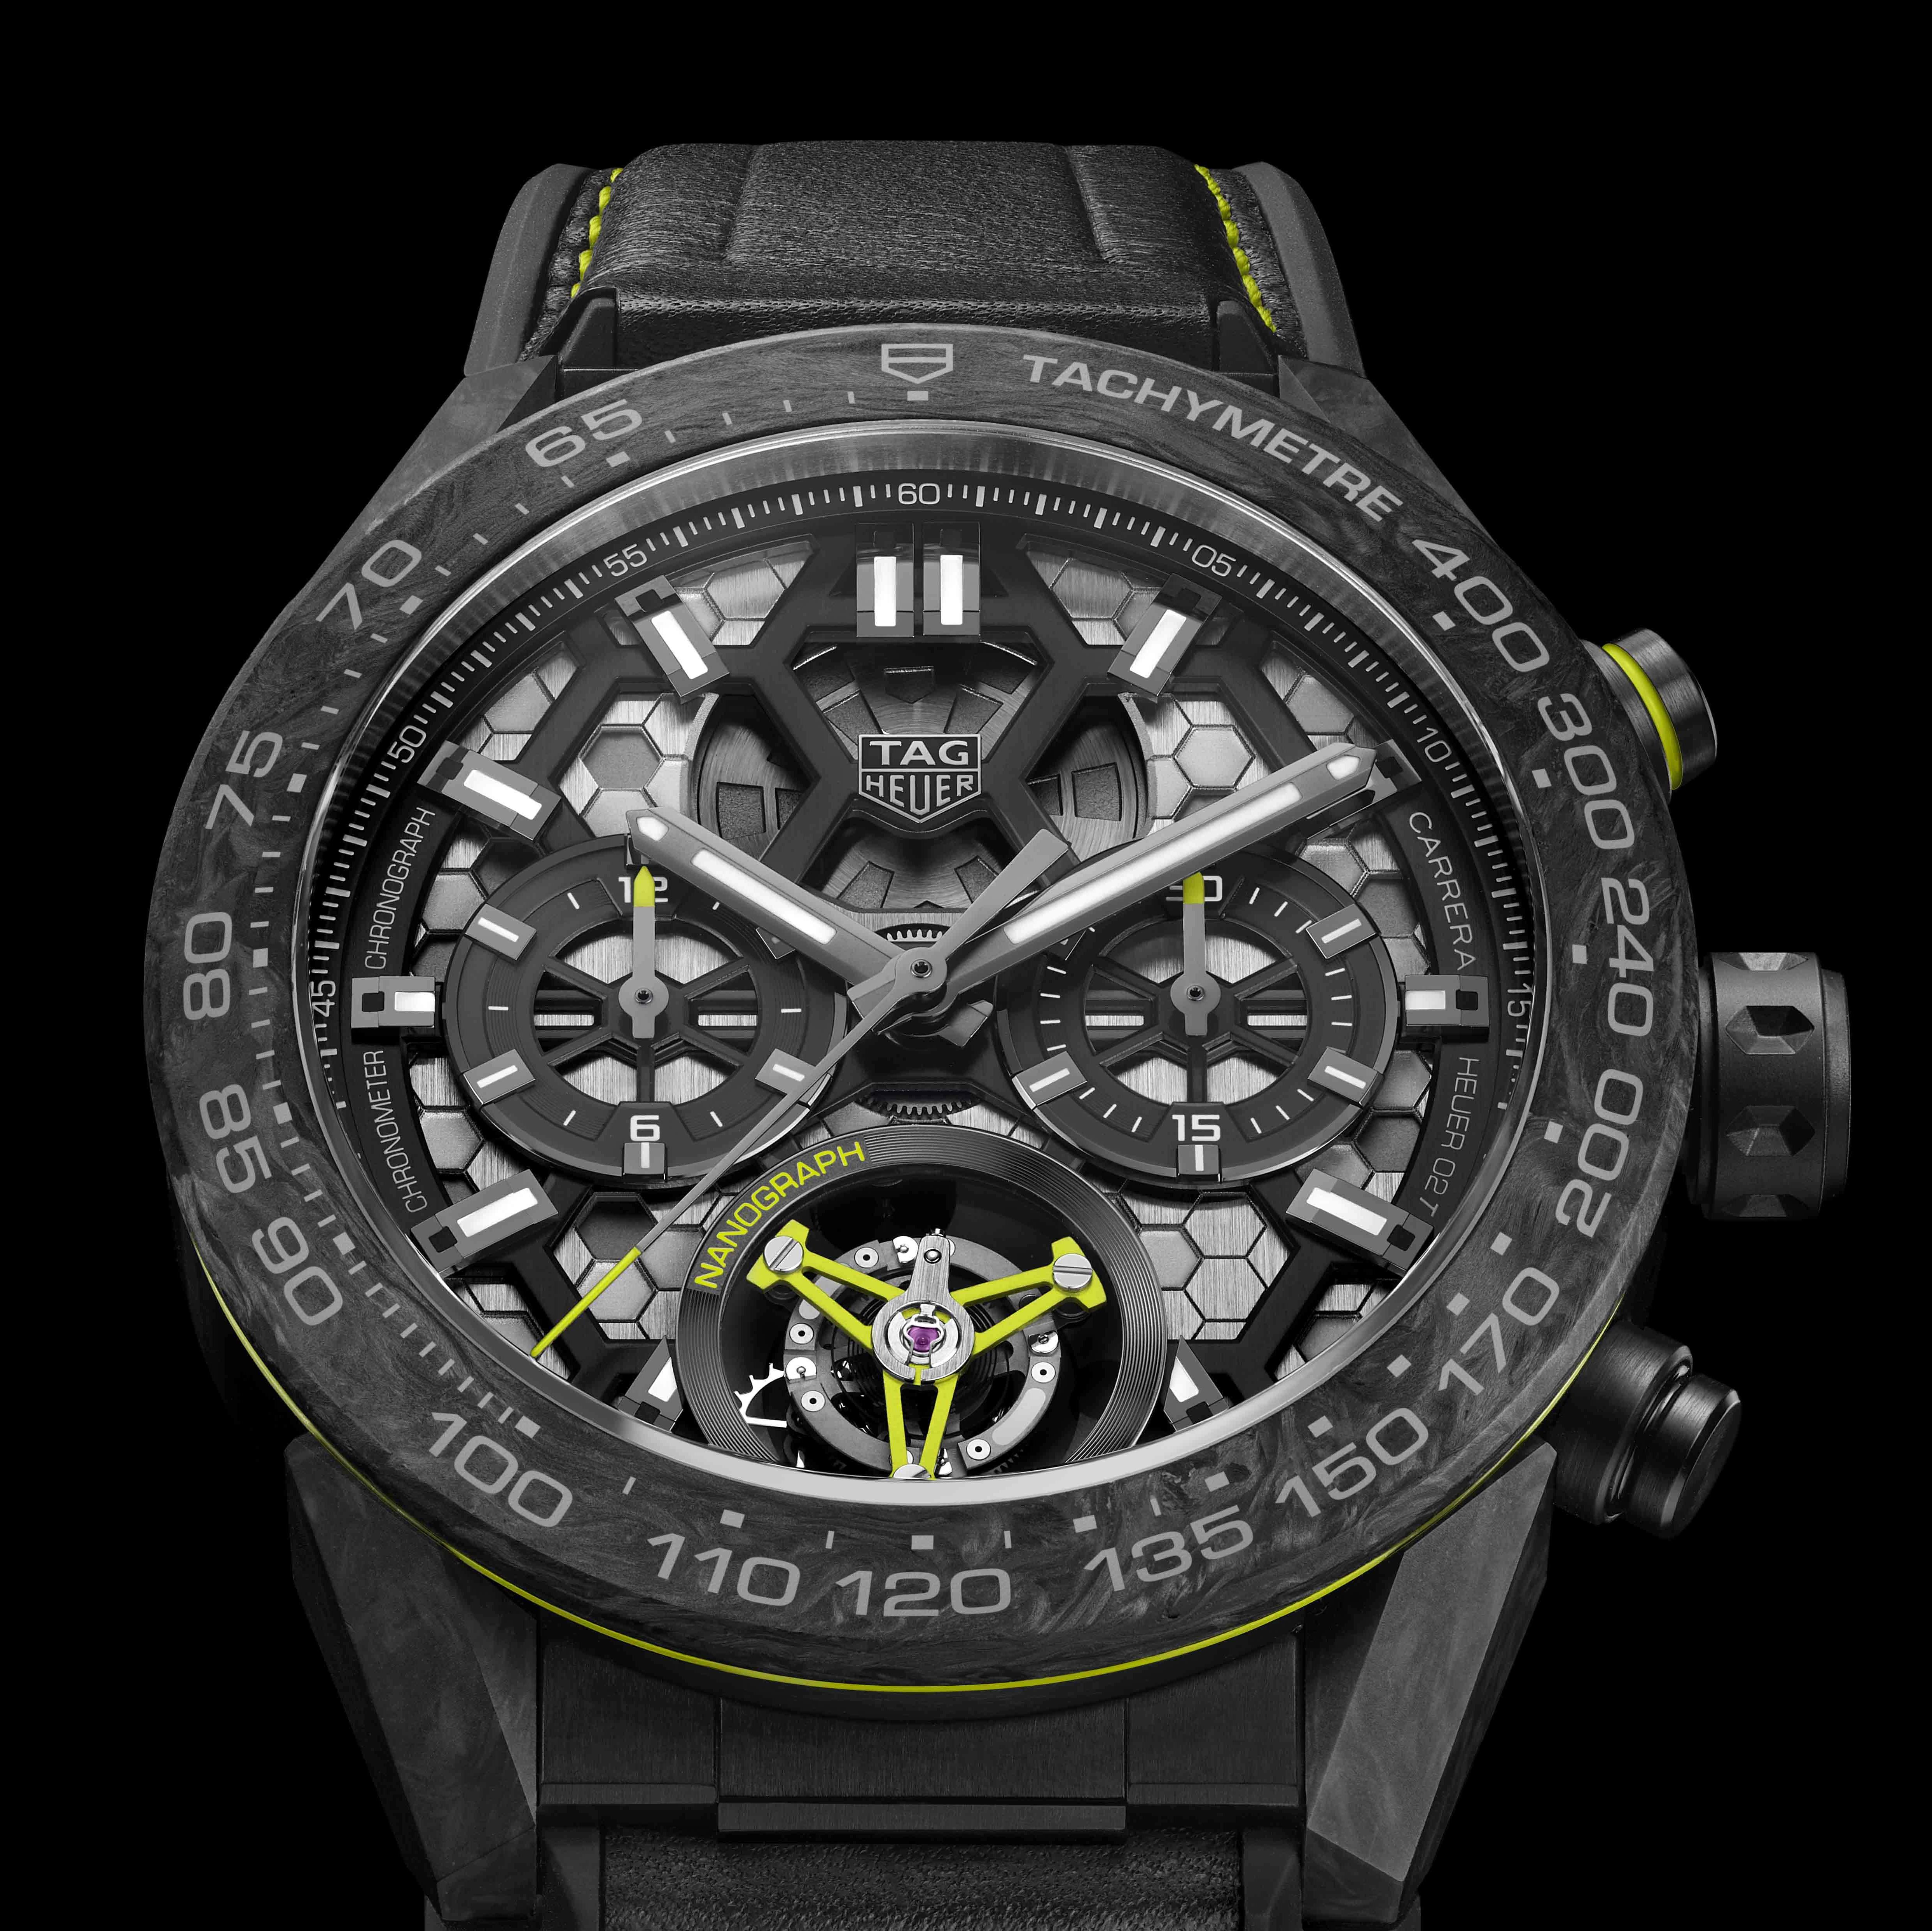 陀飛輪奈米圖騰計時腕錶─TAG Heuer 泰格豪雅正式推出嶄新巨作!